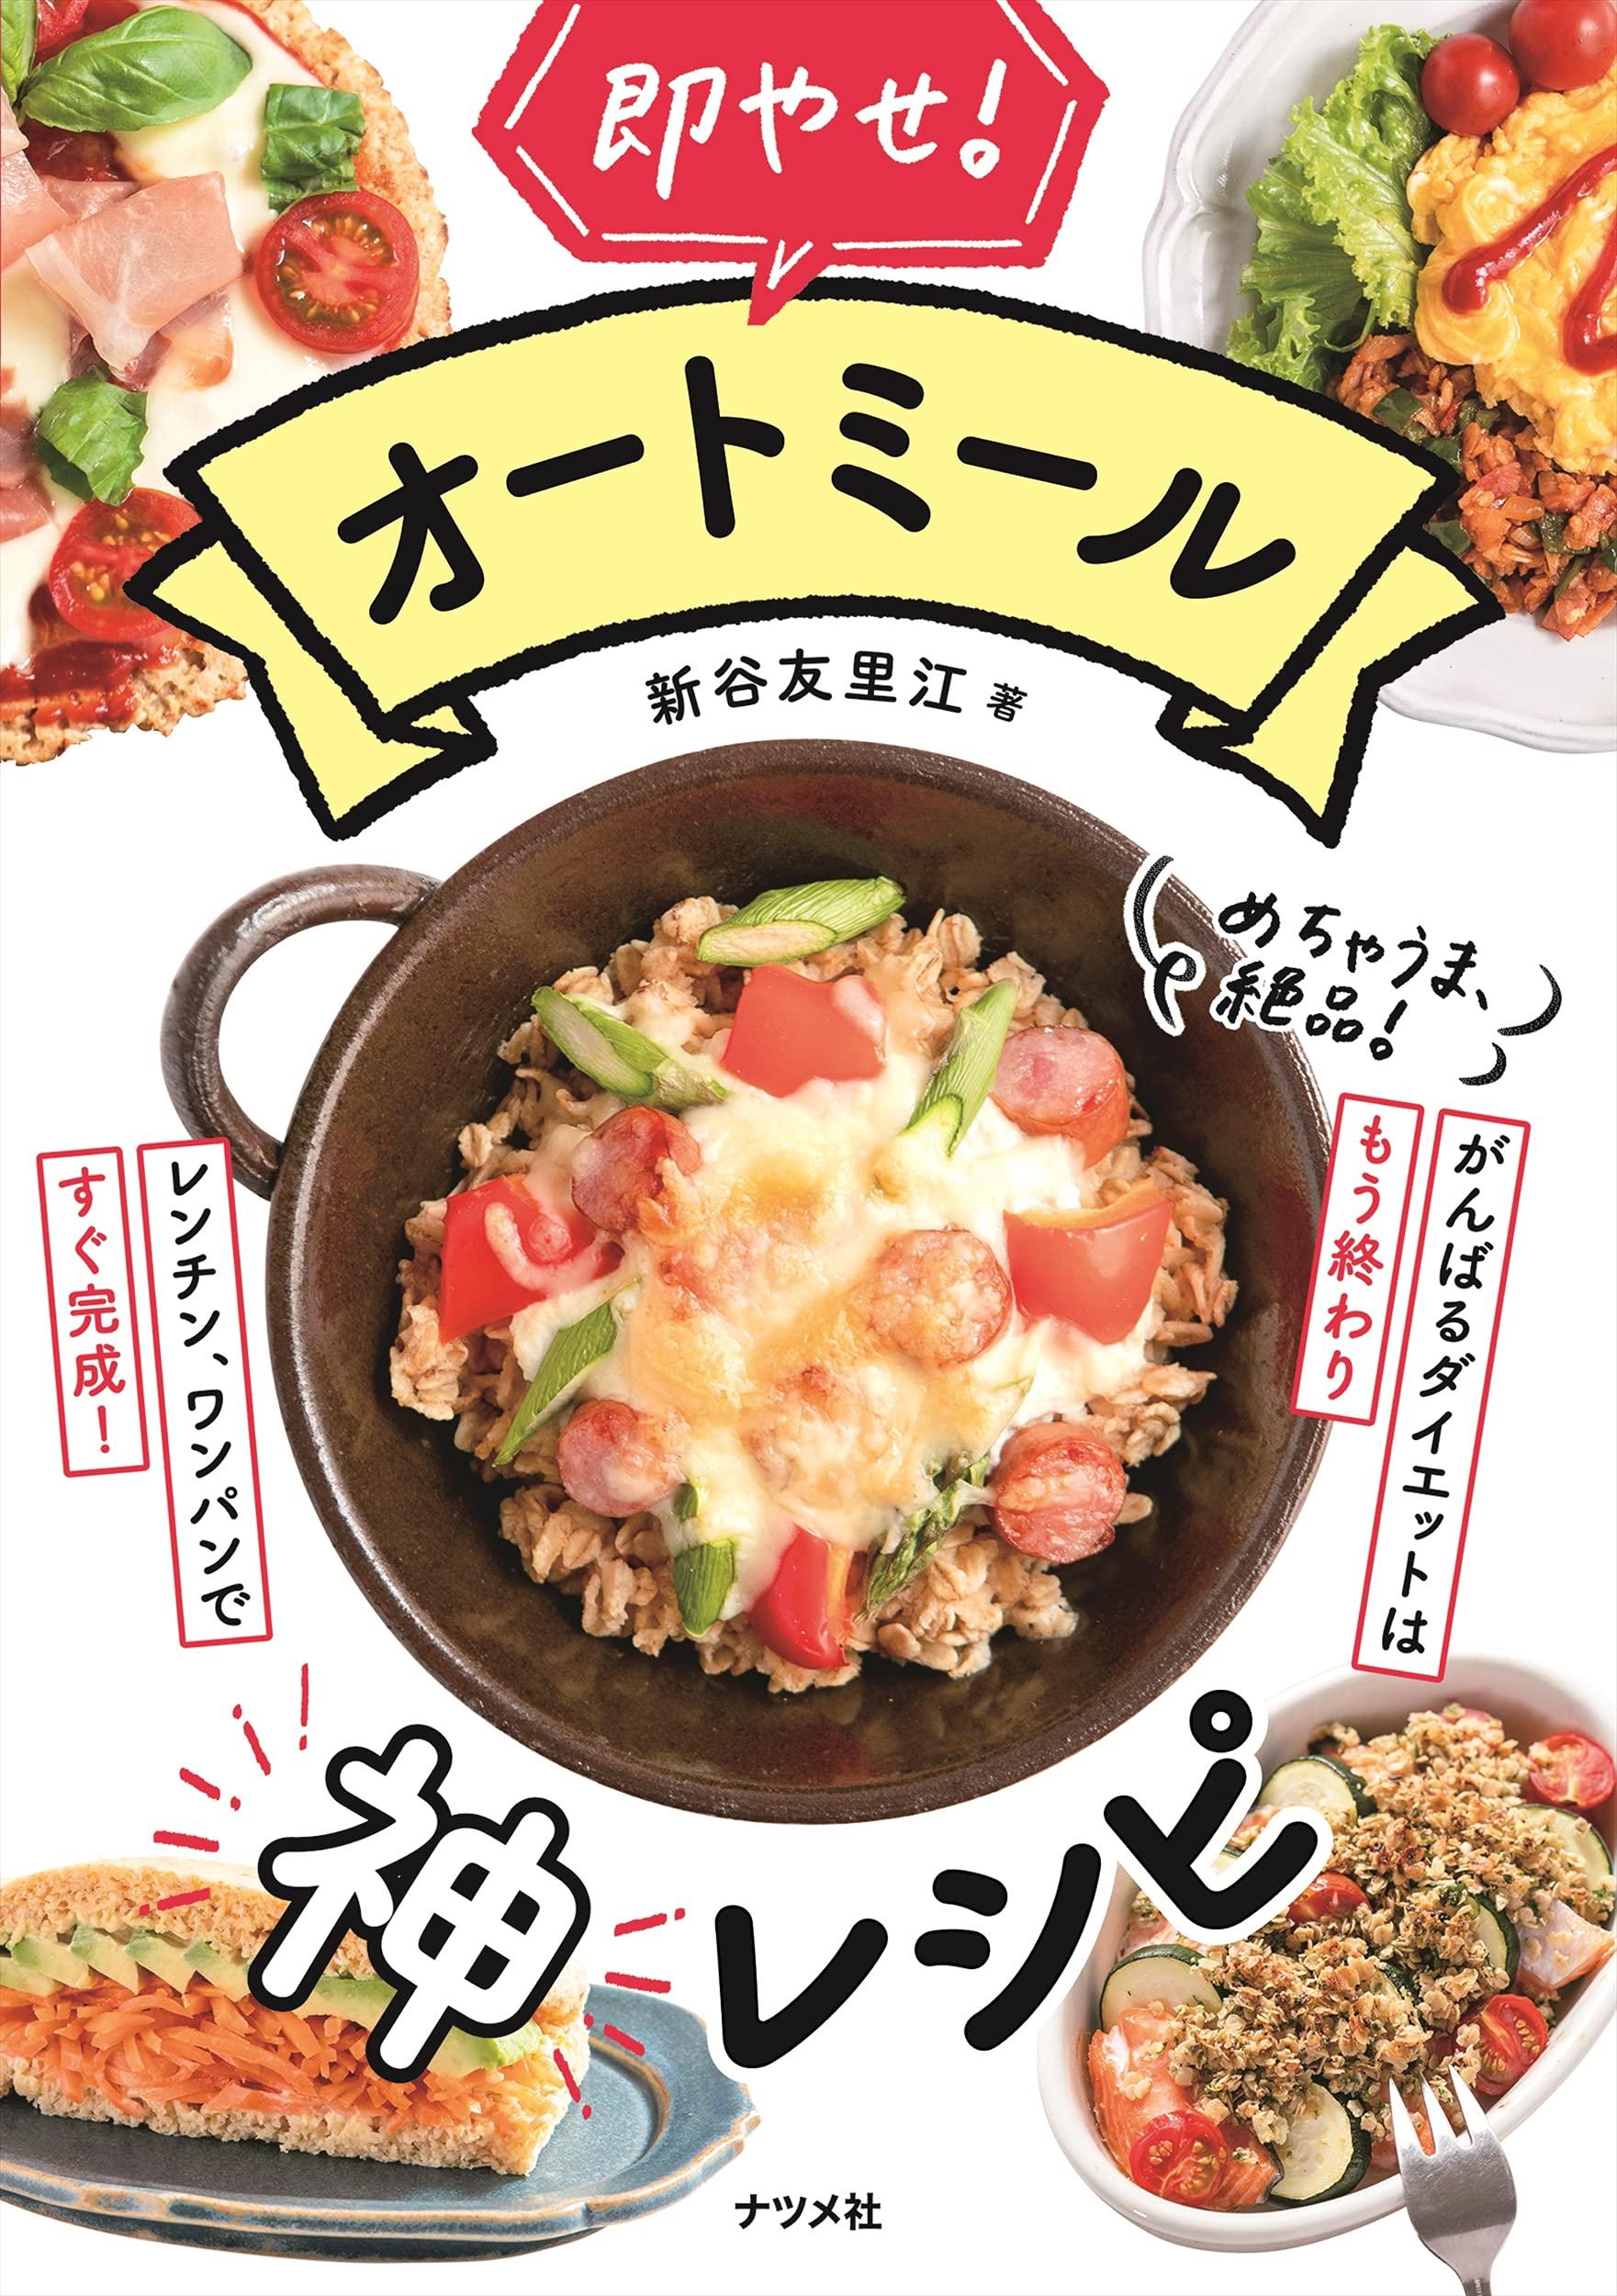 1食111kcal・糖質17g 最強ダイエット『オートミール神レシピ』